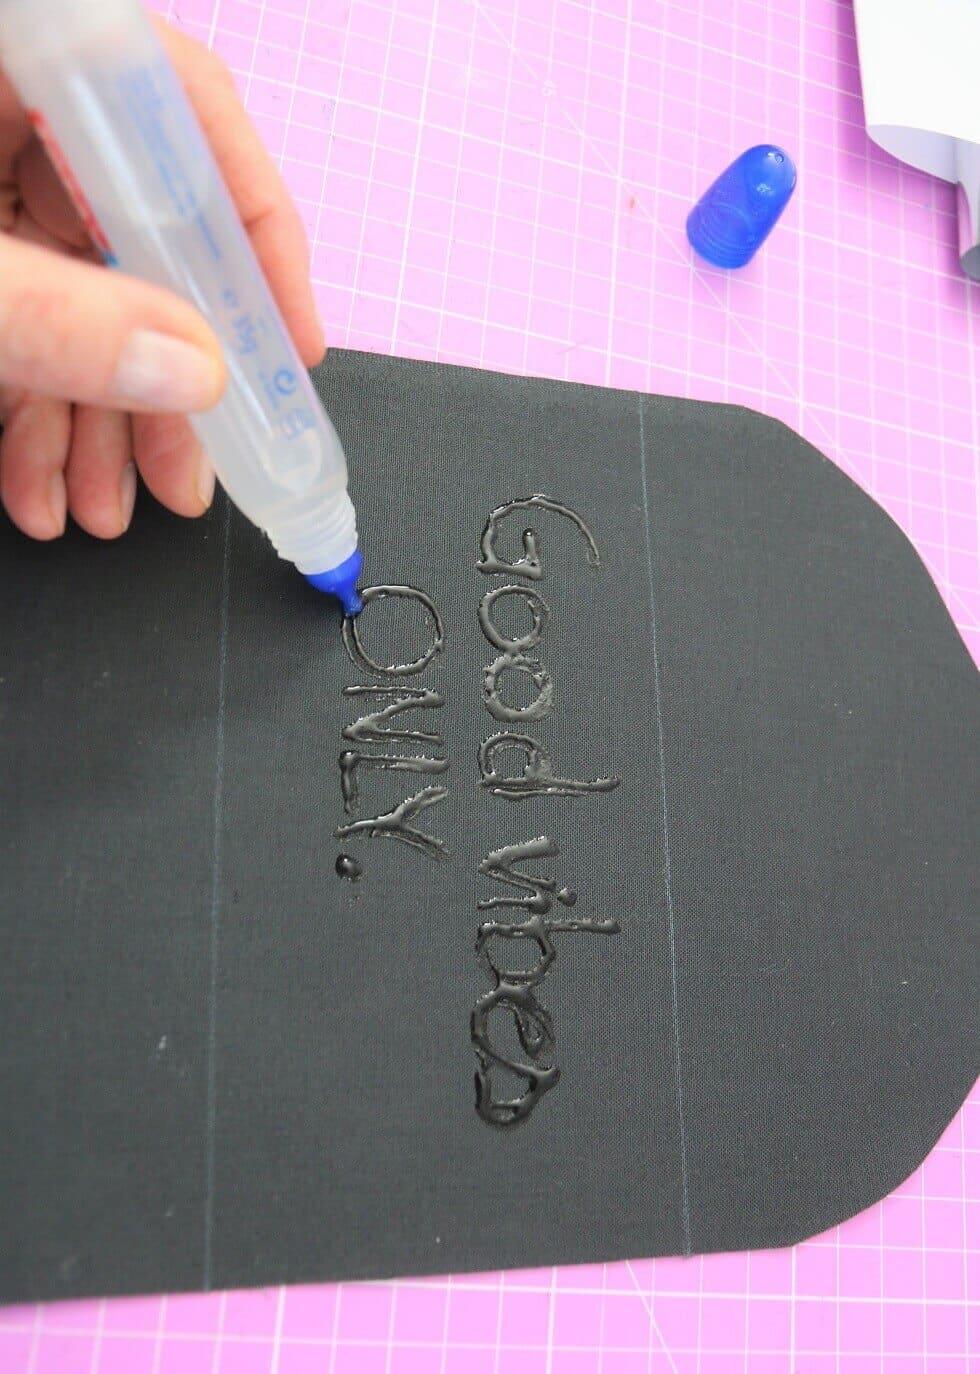 Anleitung: Stoff mit Metallic-Folie bedrucken | SewSimple